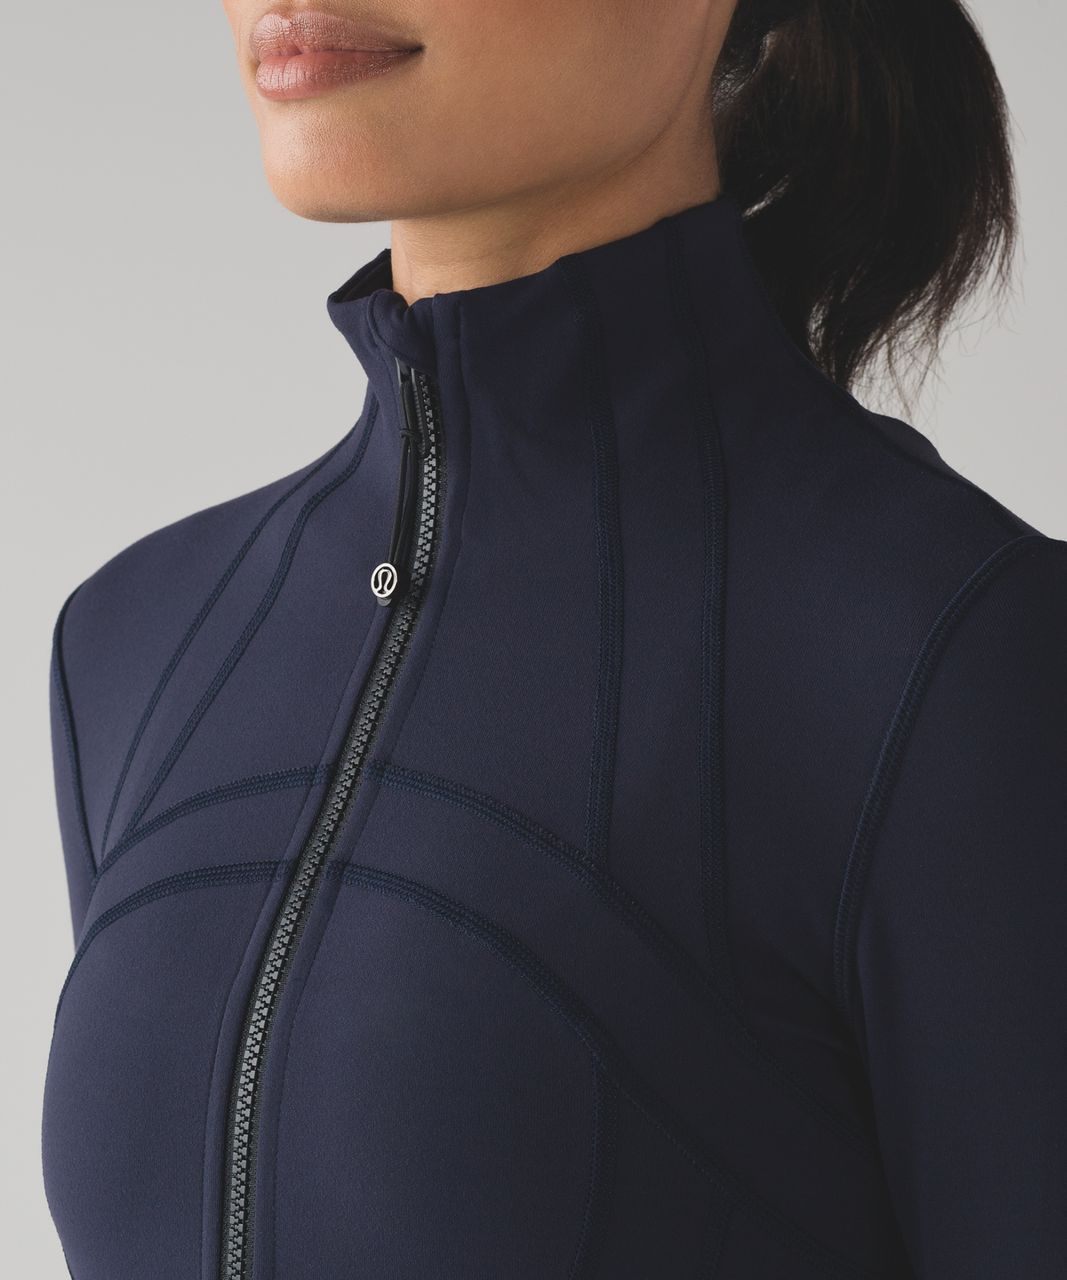 Épinglé sur Chic sporty blazers and jackets